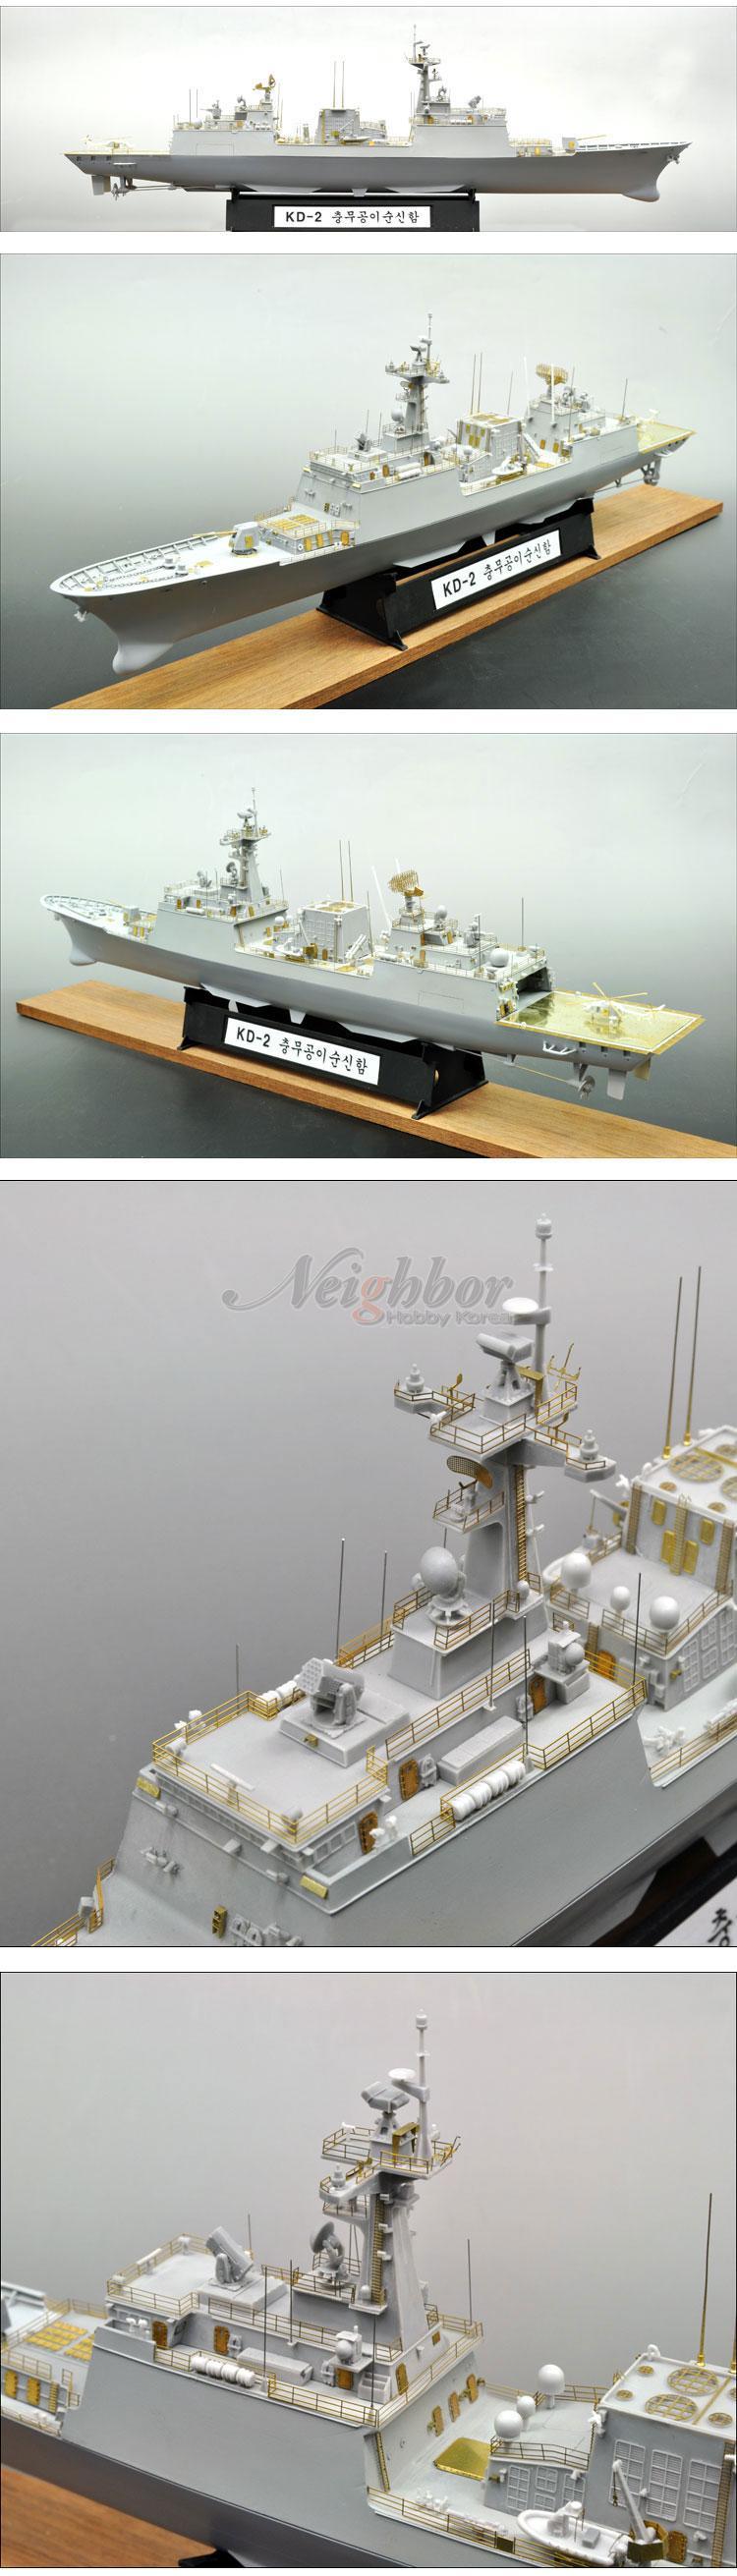 하비갤러리 1/350 KD-2 이순신급 발매.